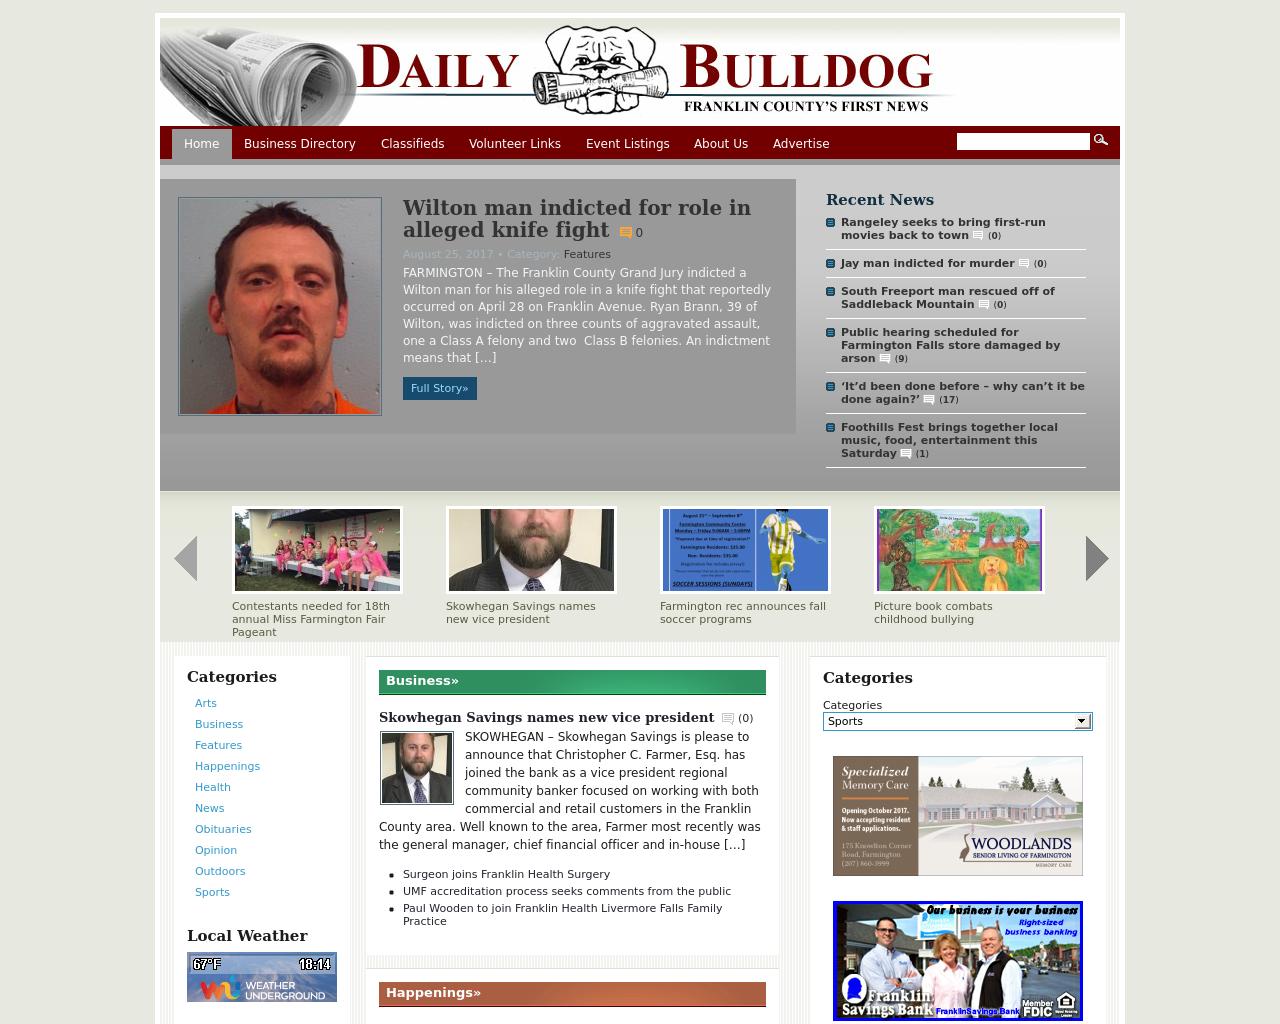 Daily-Bulldog-Advertising-Reviews-Pricing